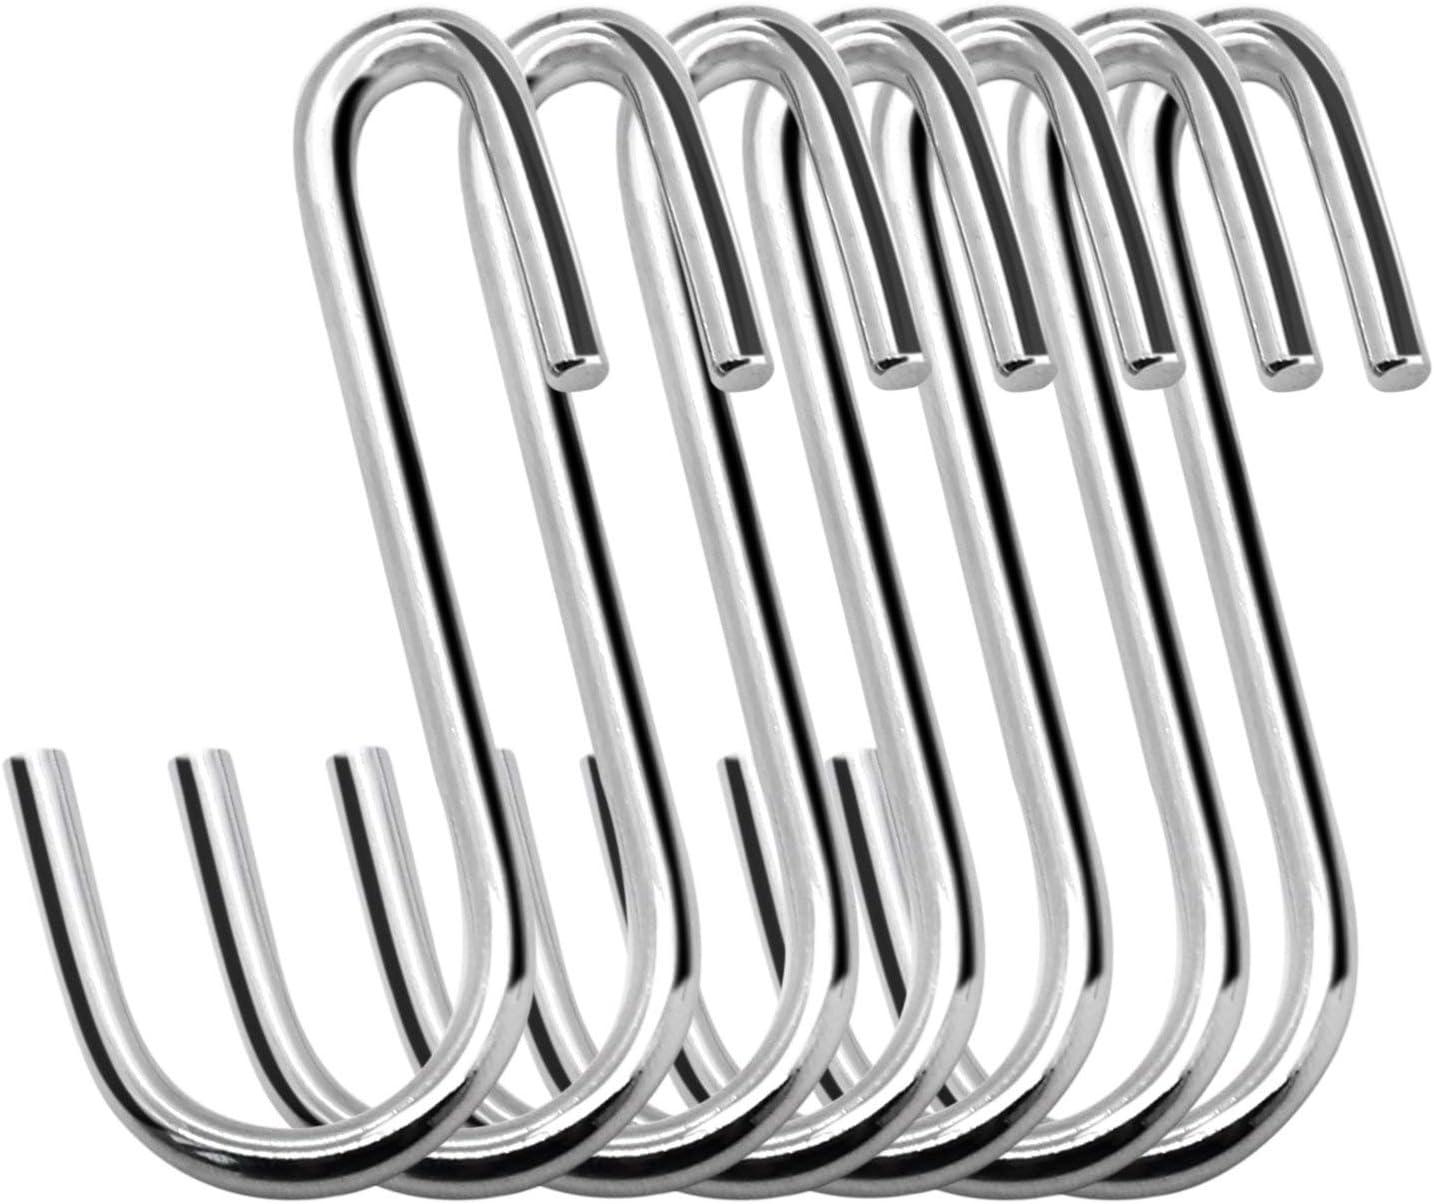 utensilios de cocina ganchos para colgar ollas plantas Pack de 10 ganchos en forma de S resistentes para ollas y ollas toallas bolsas